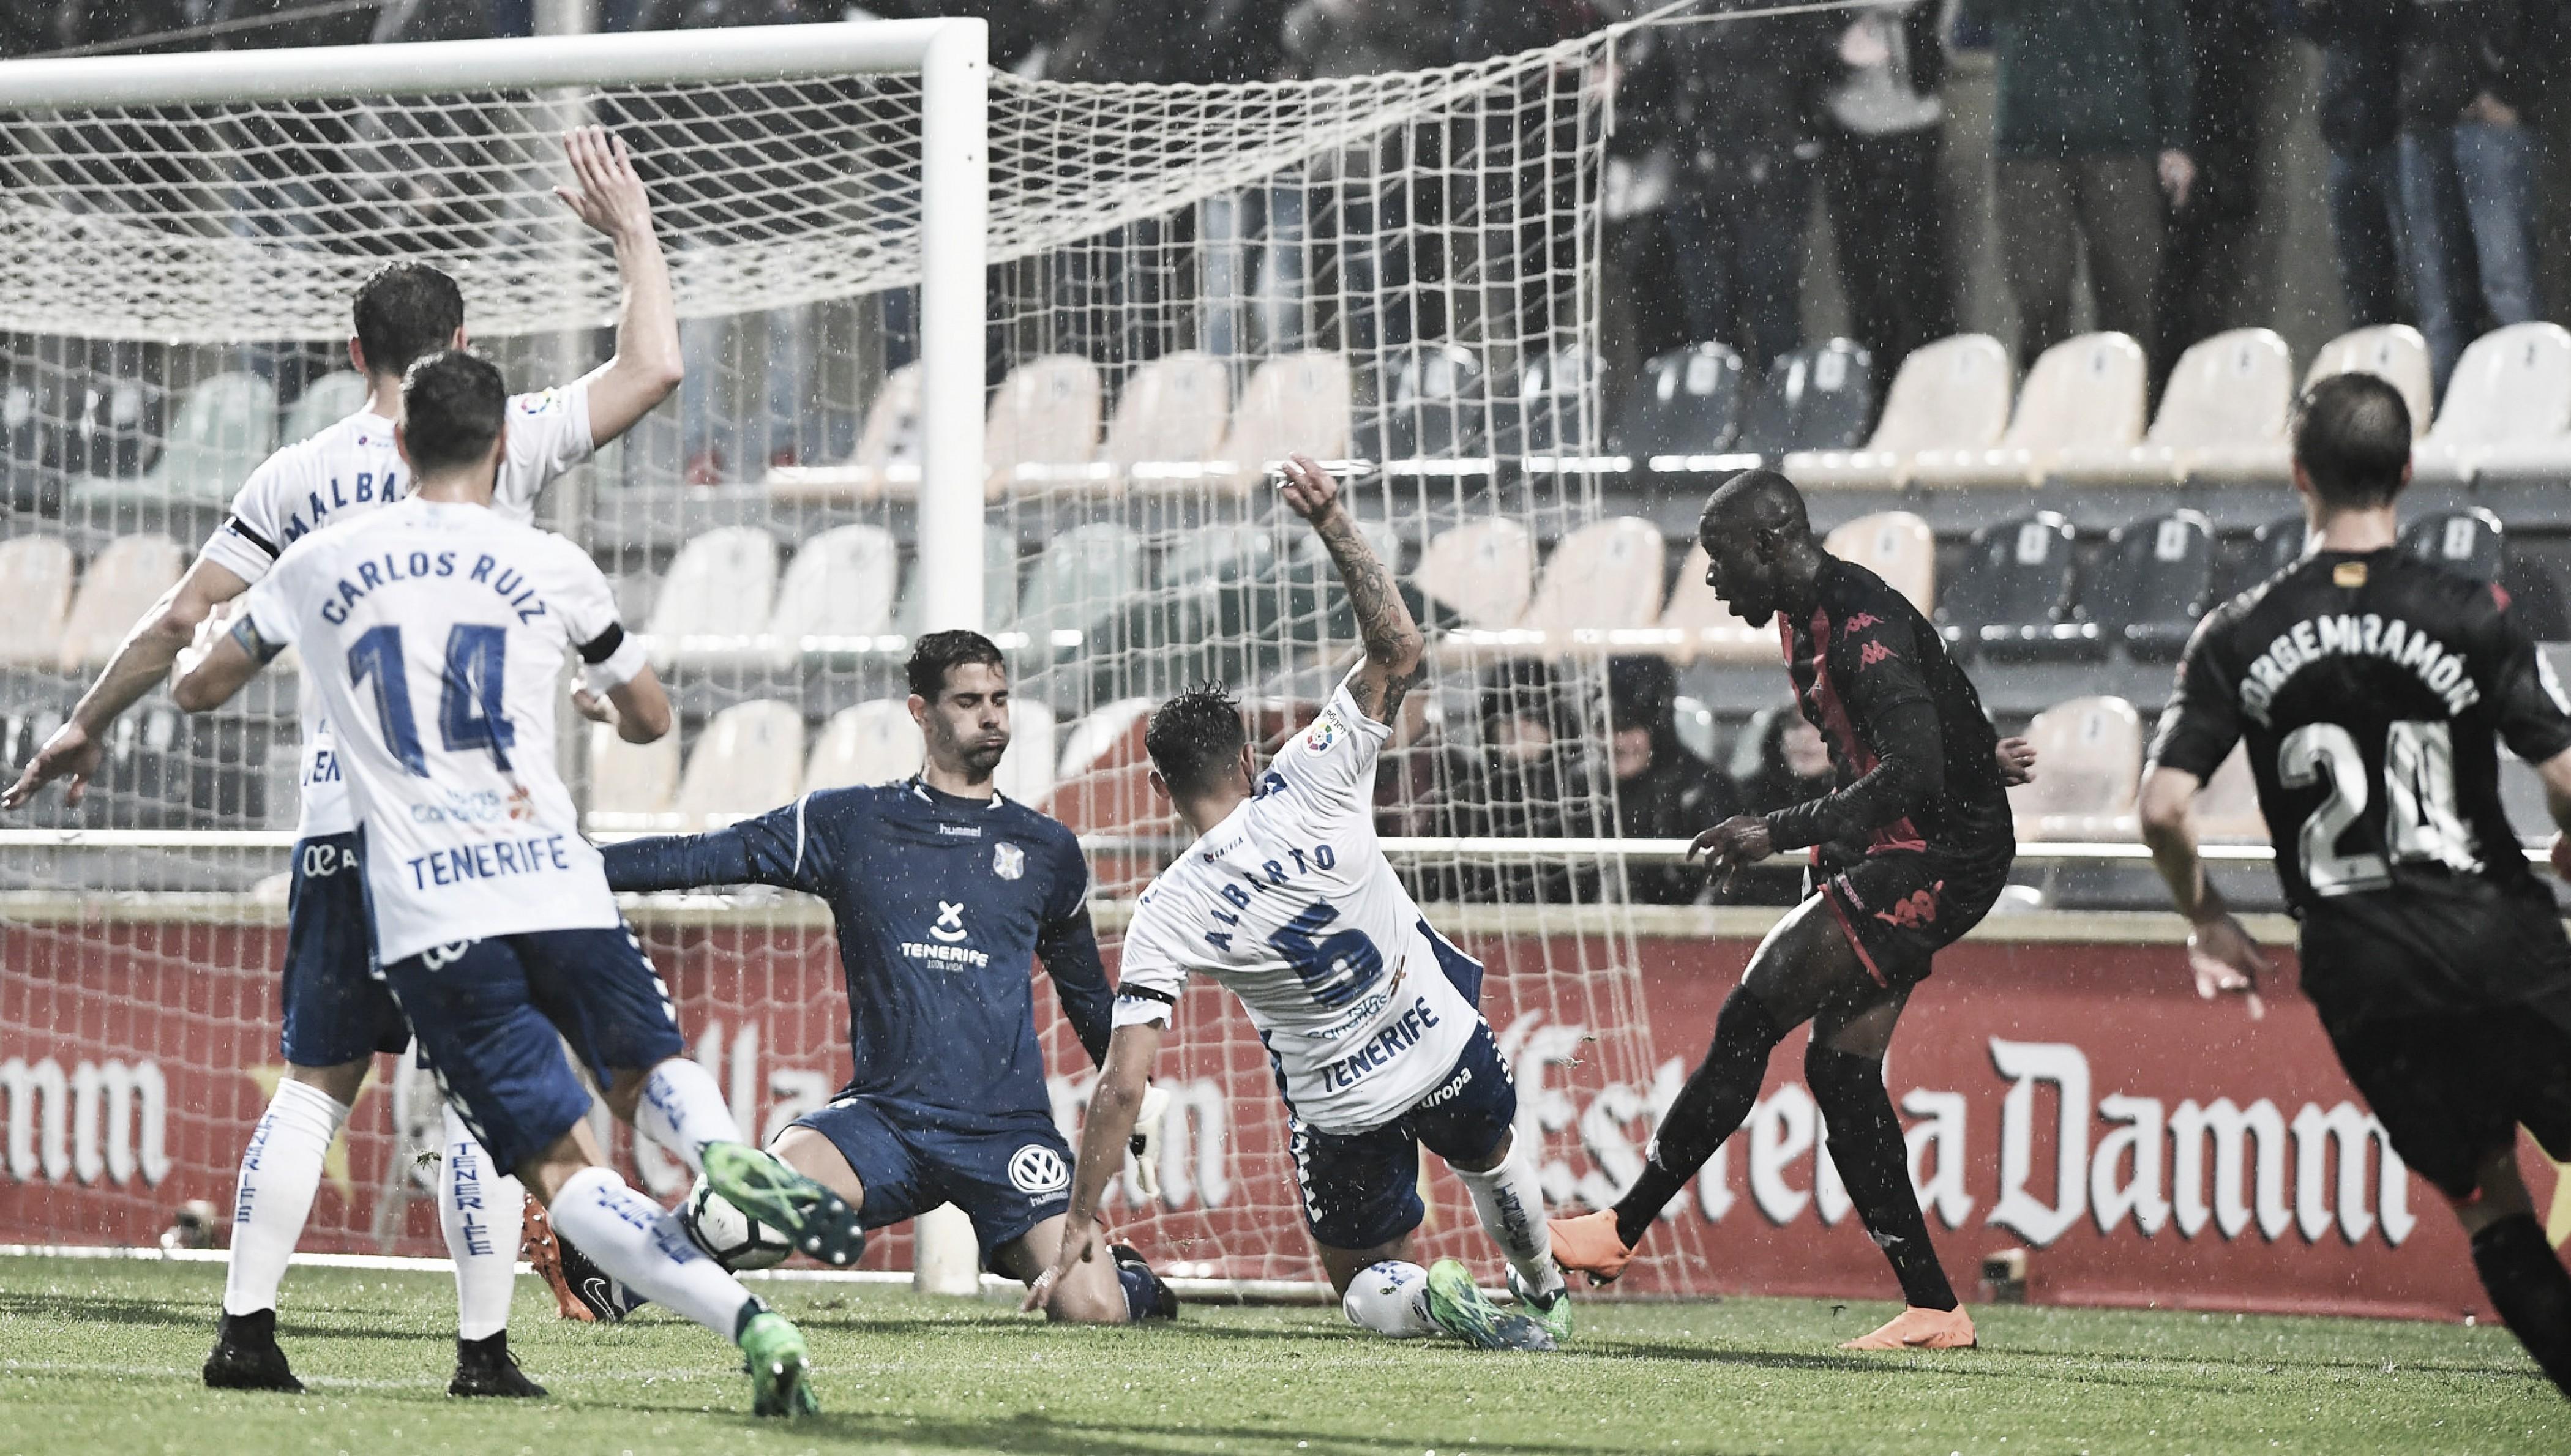 Tenerife - CF Reus: los precedentes